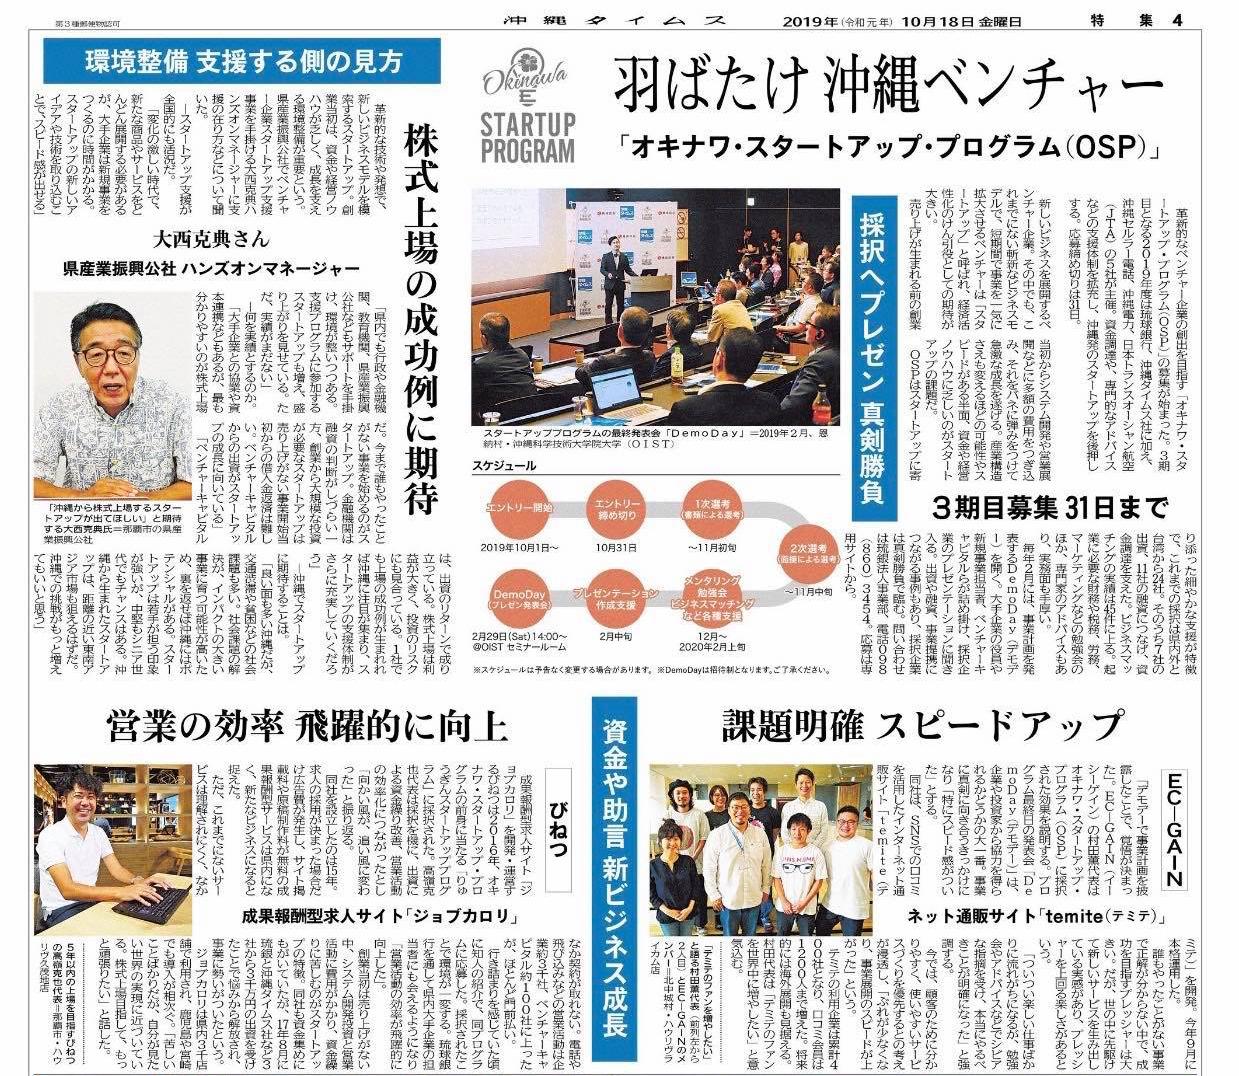 沖縄タイムスにて取材記事が掲載されました